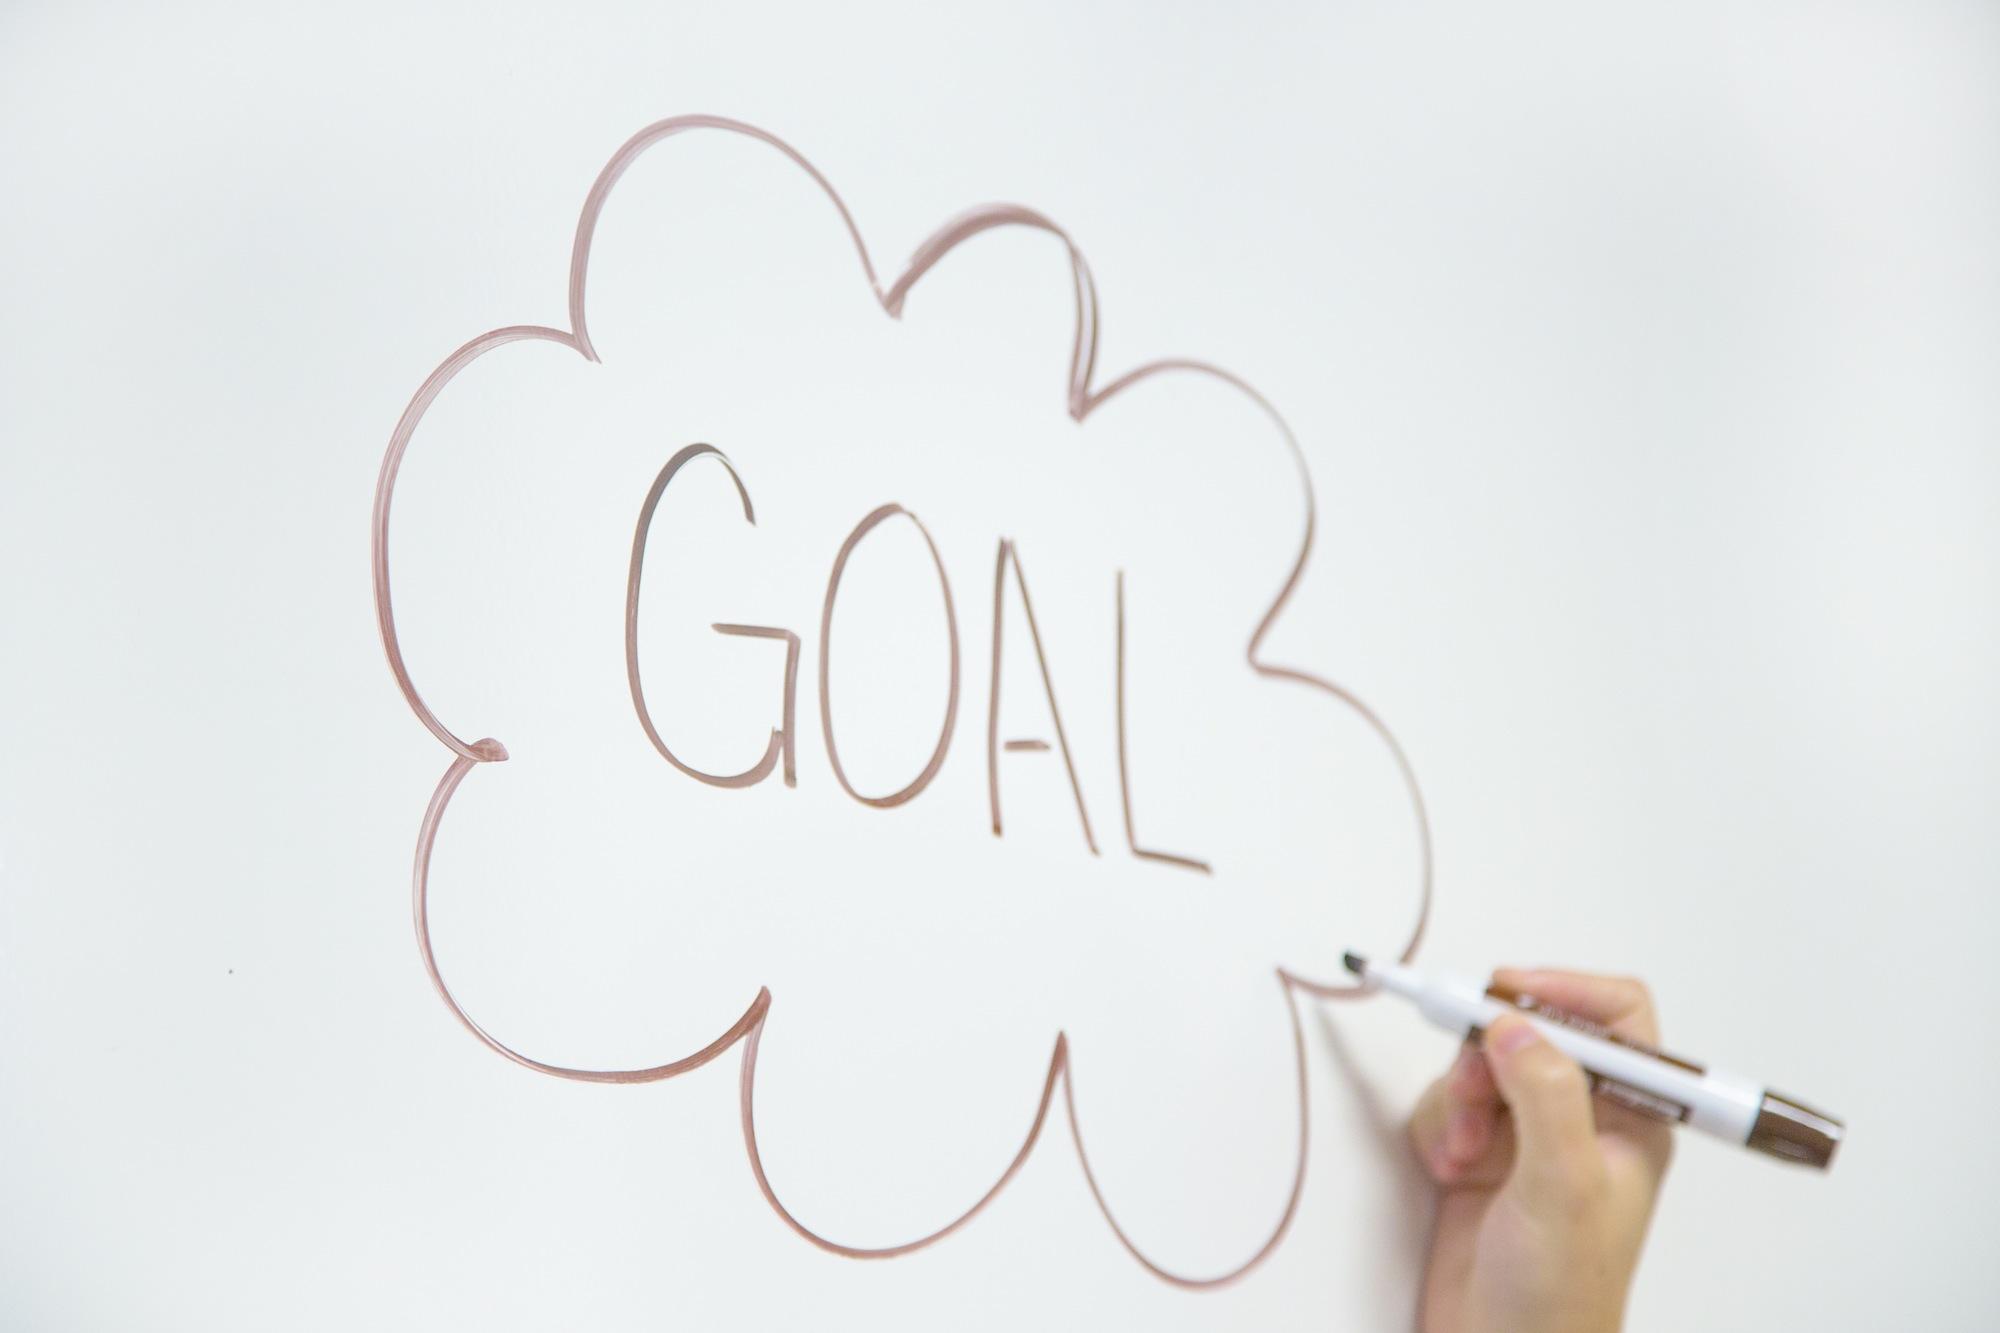 goals, focus on the future, marketing to millennials, garden media group, long-term goals, appealing to millennials, future